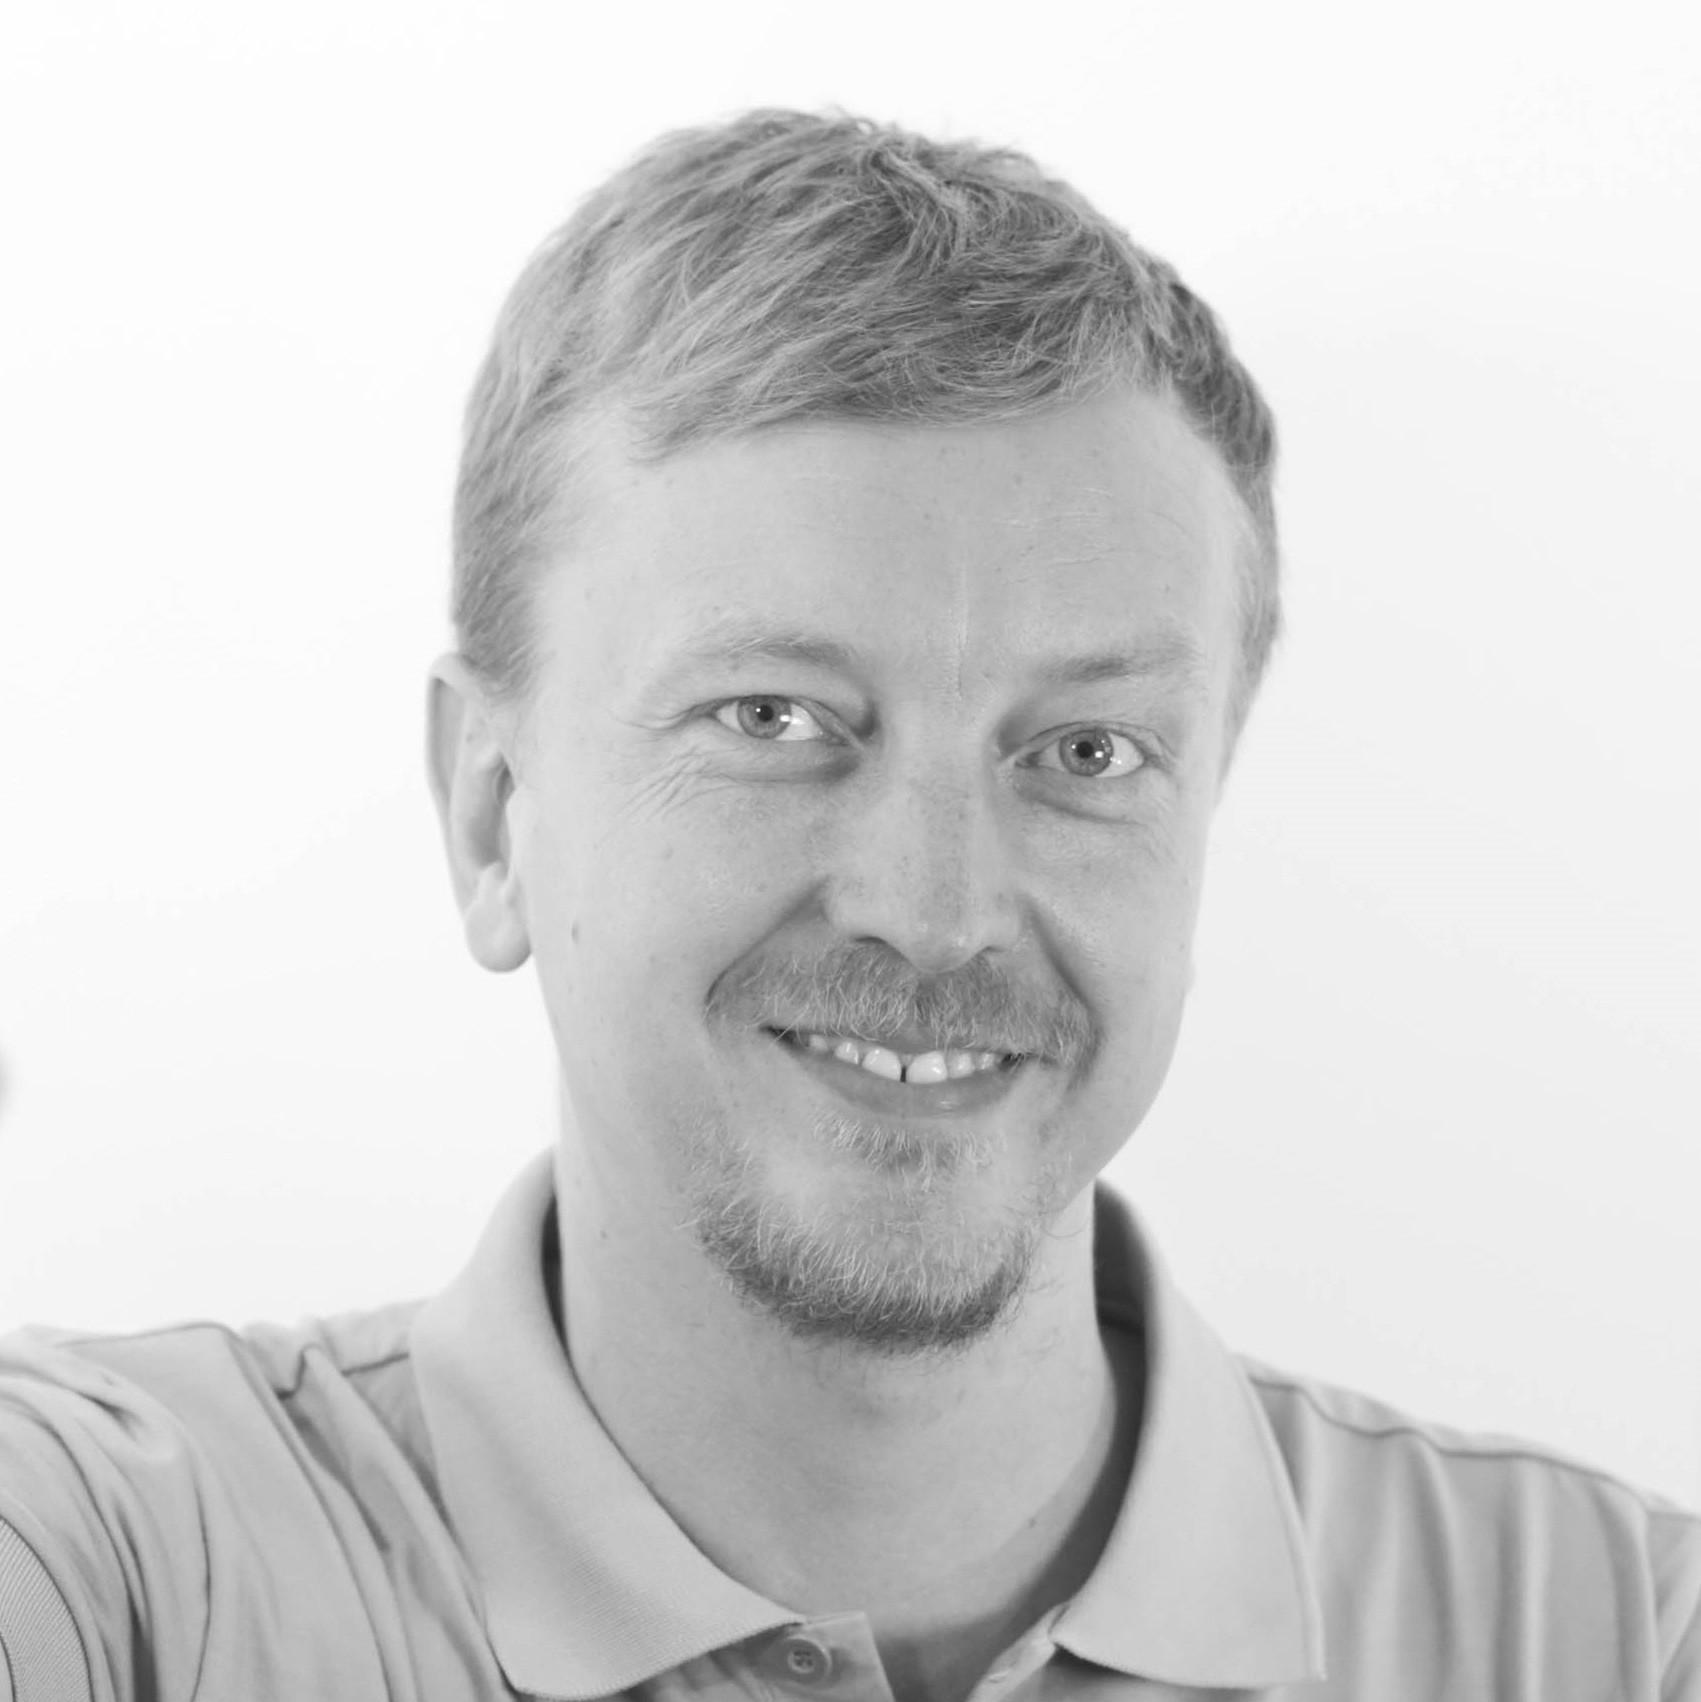 Mr. Ville Majanen